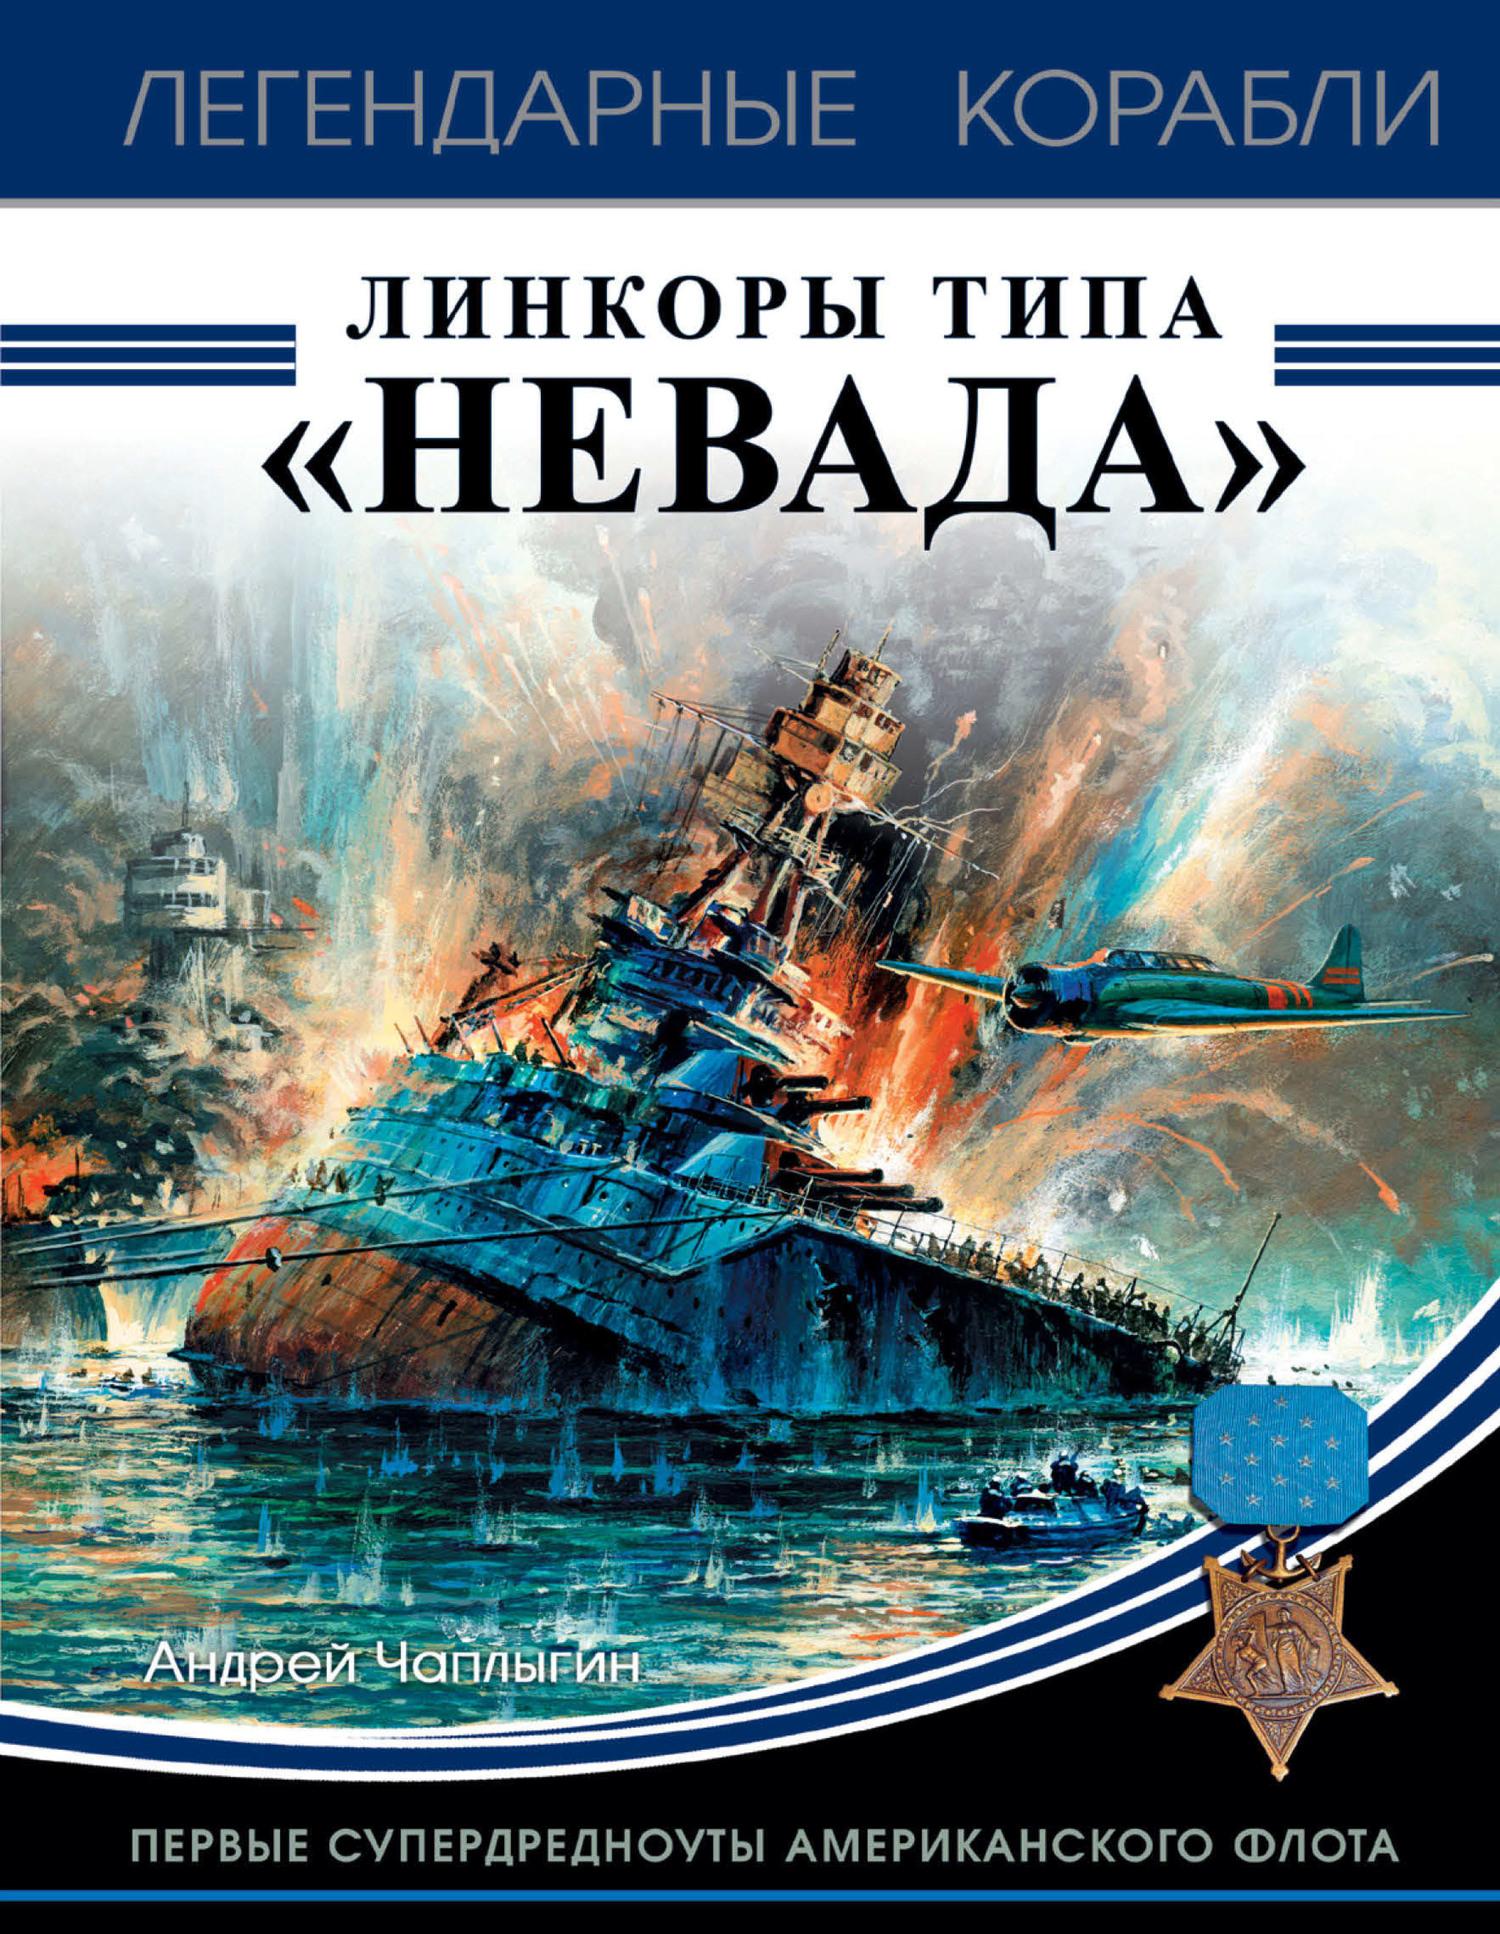 Андрей Чаплыгин. Линкоры типа «Невада». Первые супердредноуты американского флота